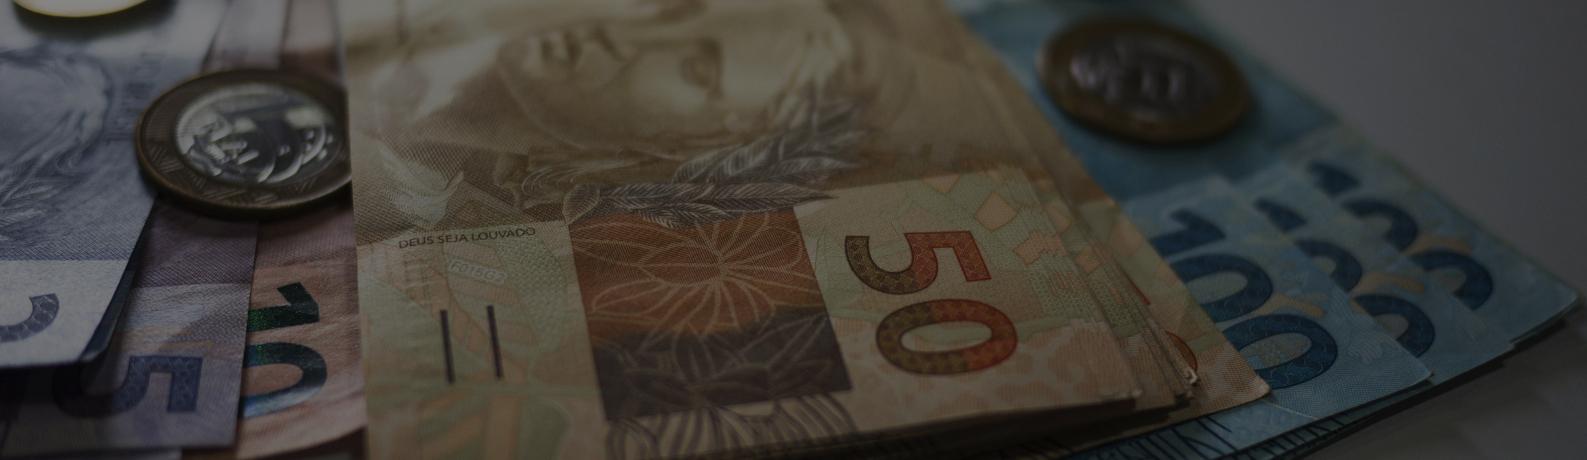 http://serpro.gov.br/clientes/secretaria-do-tesouro-nacional-1